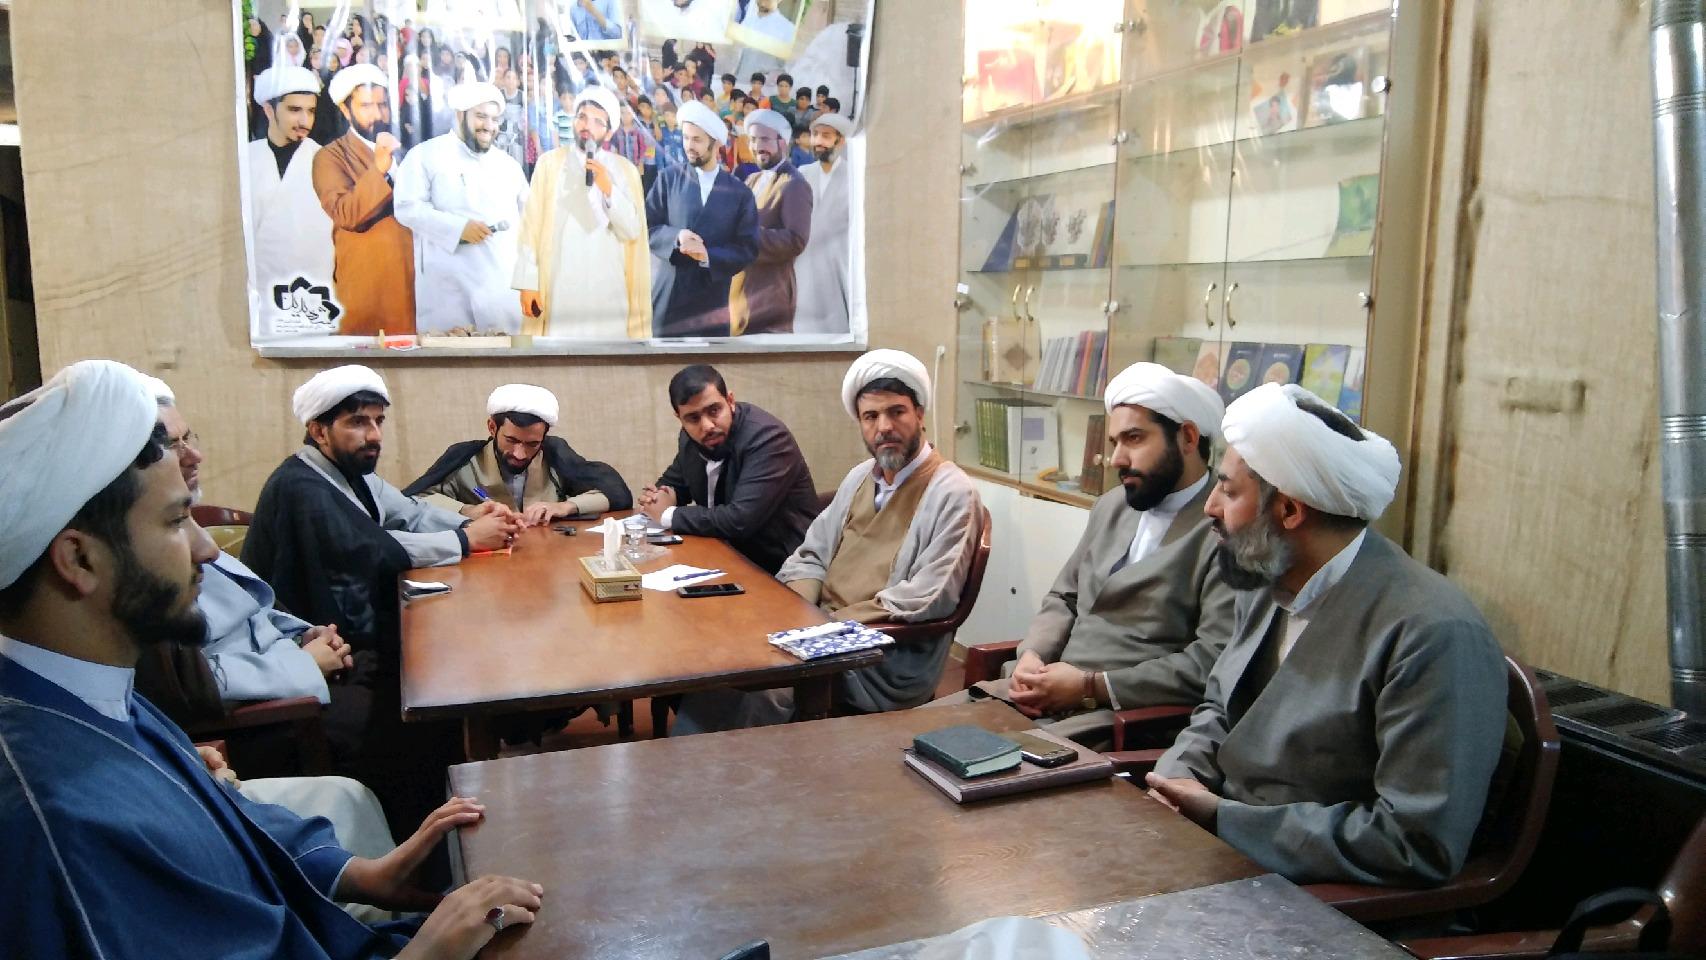 شورای گروههای تبلیغی به میزبانی موسسه _ اردیبهشت 98